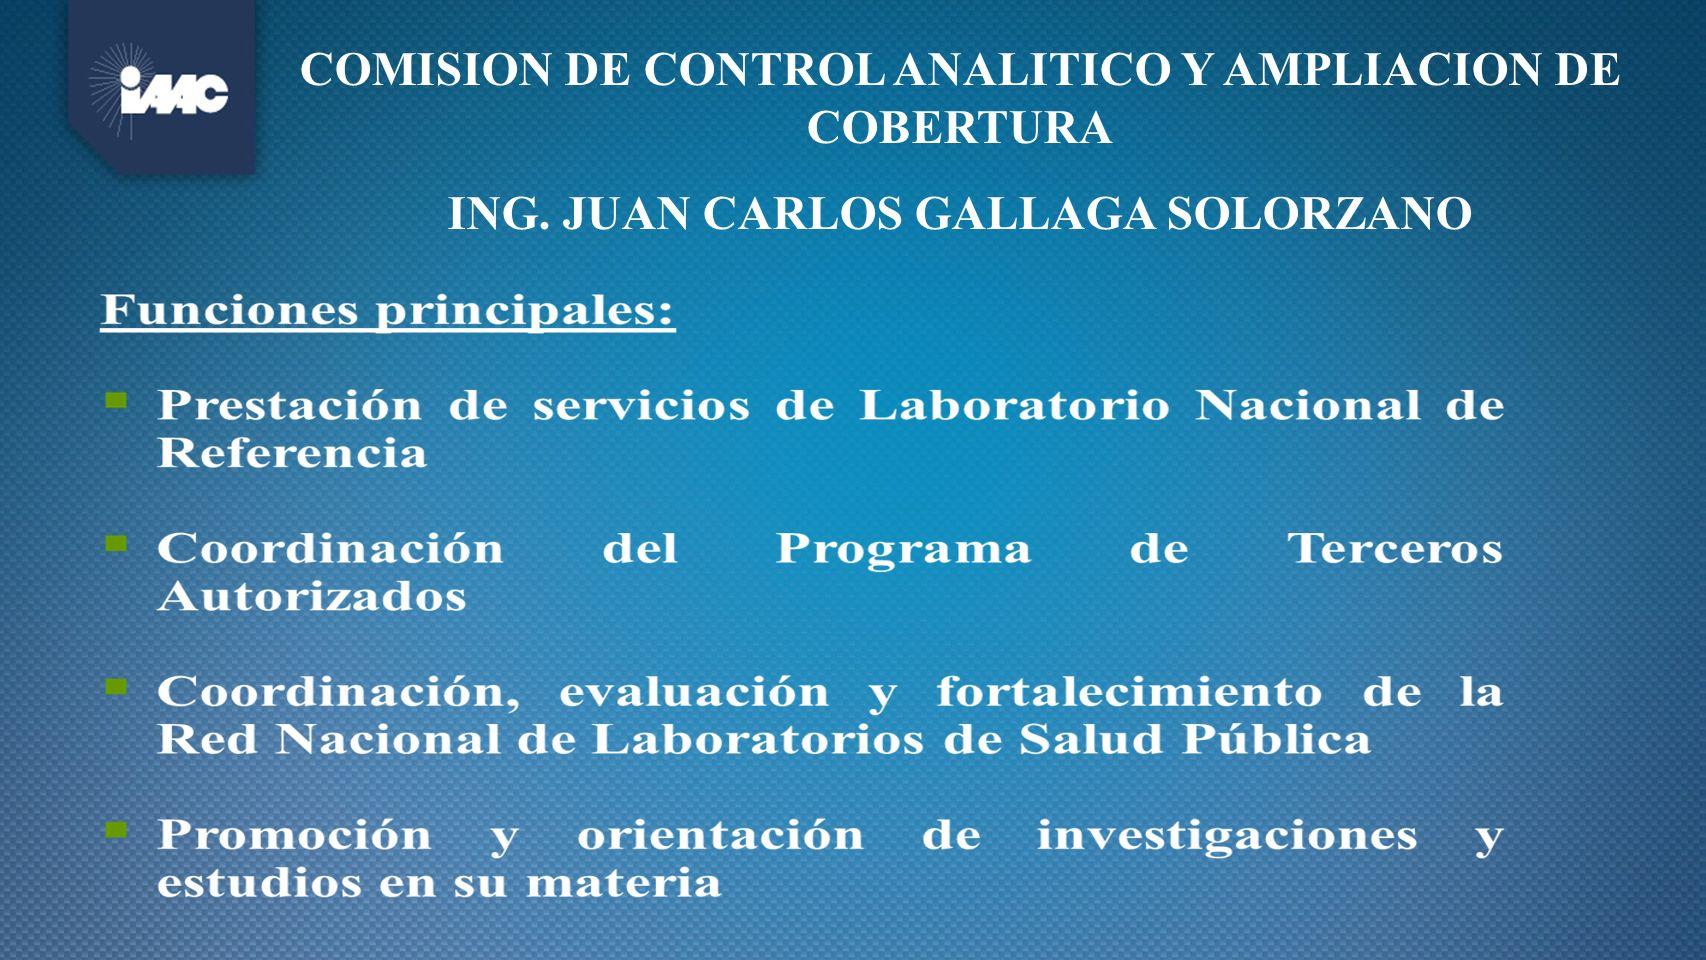 COMISION DE CONTROL ANALITICO Y AMPLIACION DE COBERTURA ING. JUAN CARLOS GALLAGA SOLORZANO